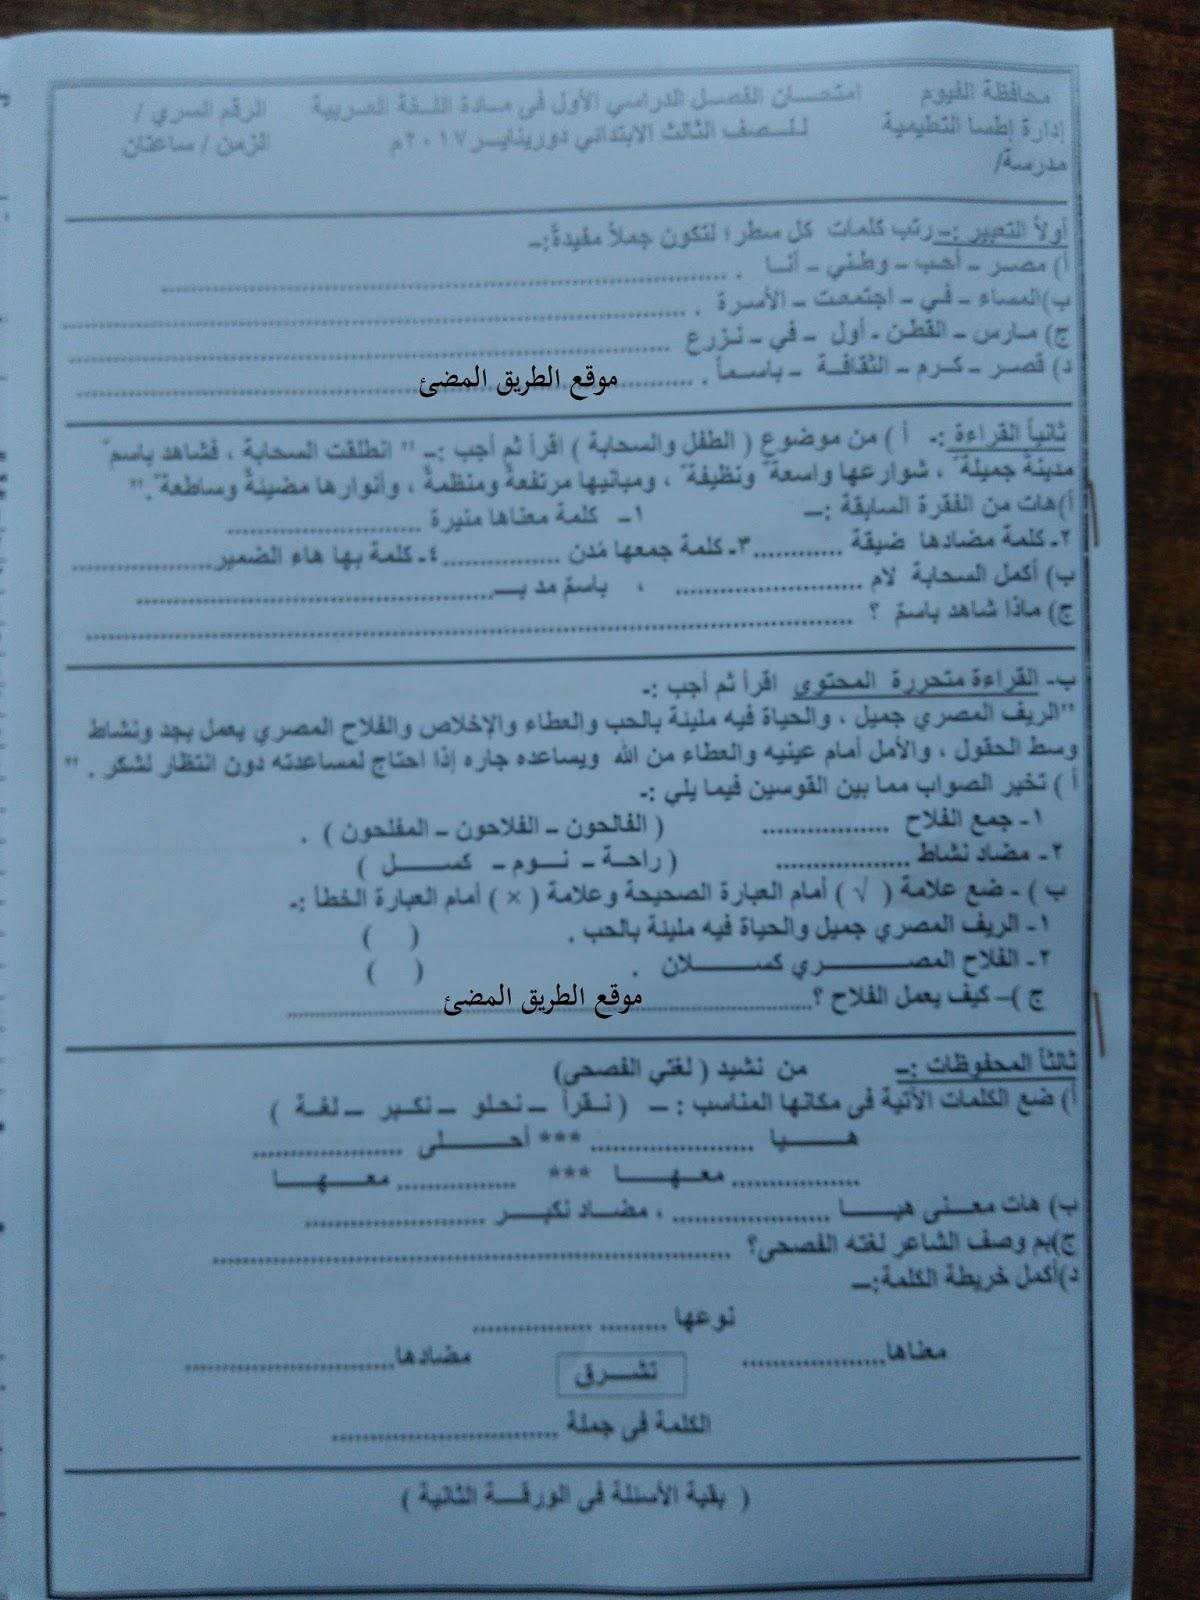 امتحان نصف العام الرسمى فى اللغة العربية للصف الثالث الابتدائي الفصل الدراسي الأول للعام الدراسي 2017م